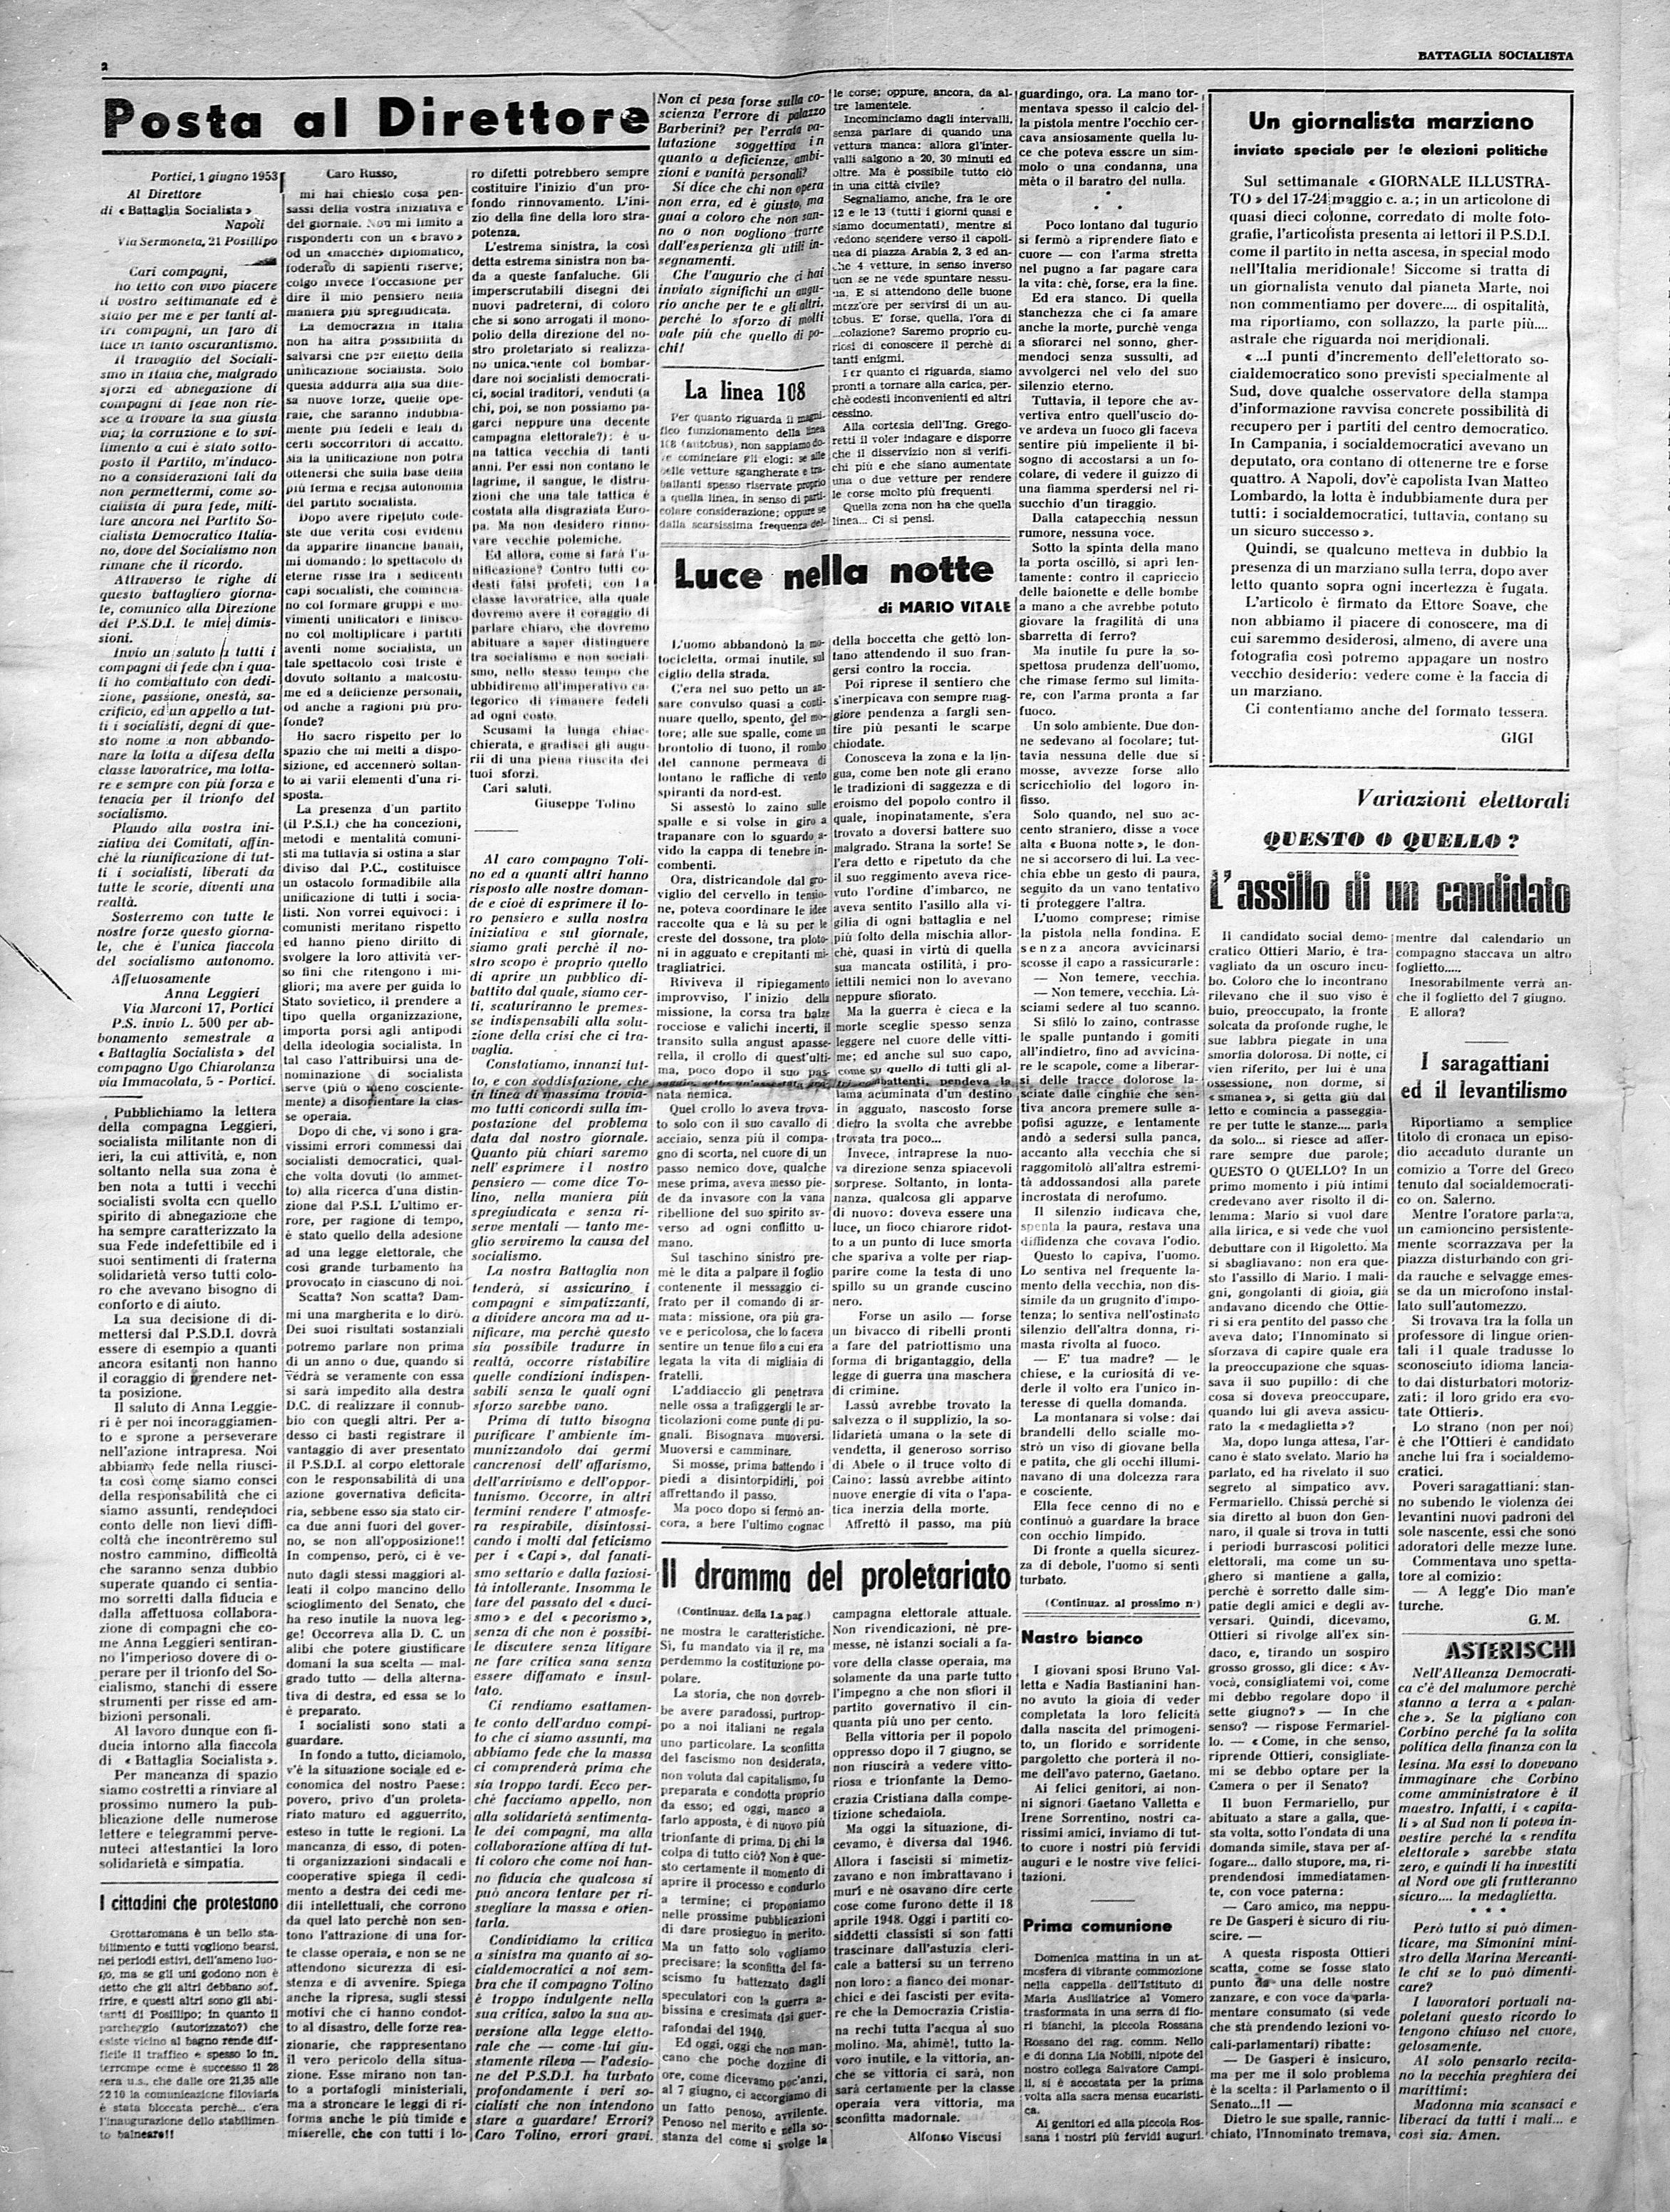 Battaglia Socialista n. 2 anno 1953 - pag. 2